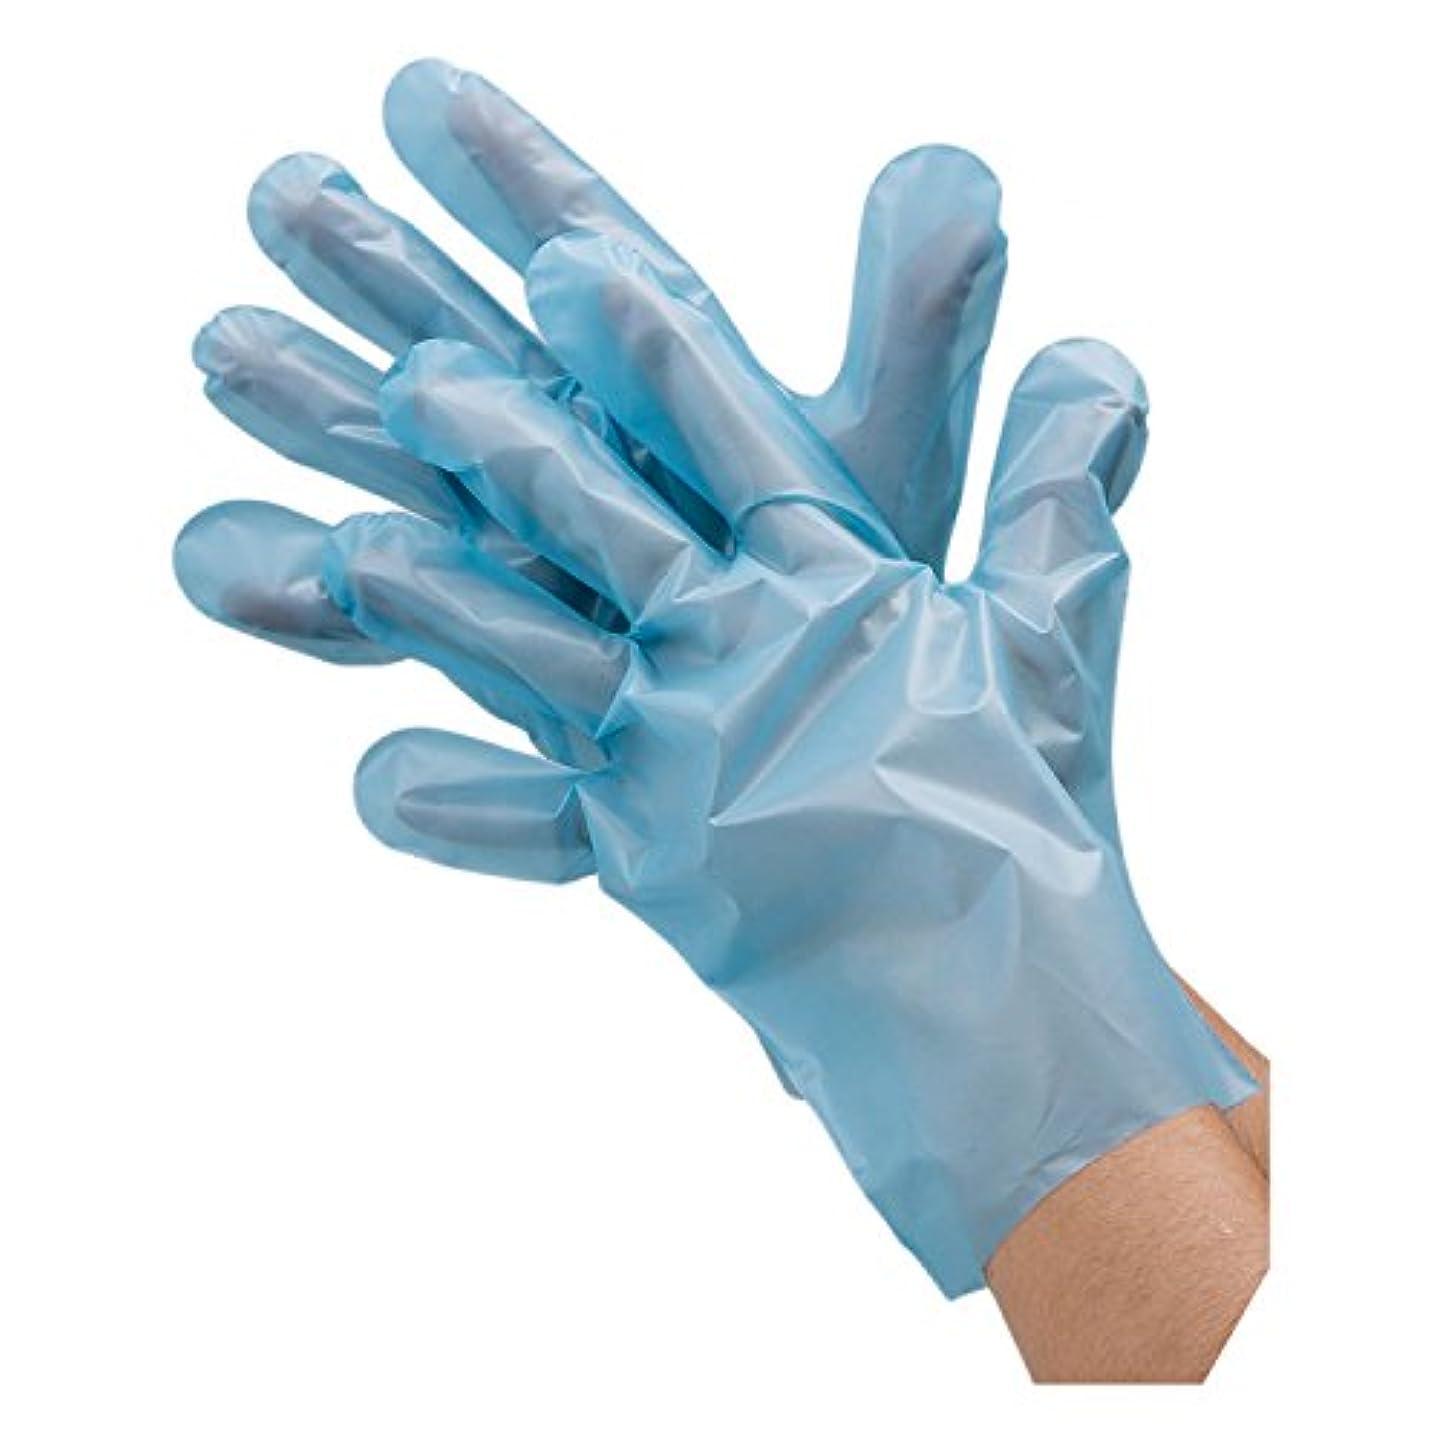 削る硬化する拷問川西工業 ポリエチレン手袋 外エンボス エコノミー 100枚入 #2018 ブルー L